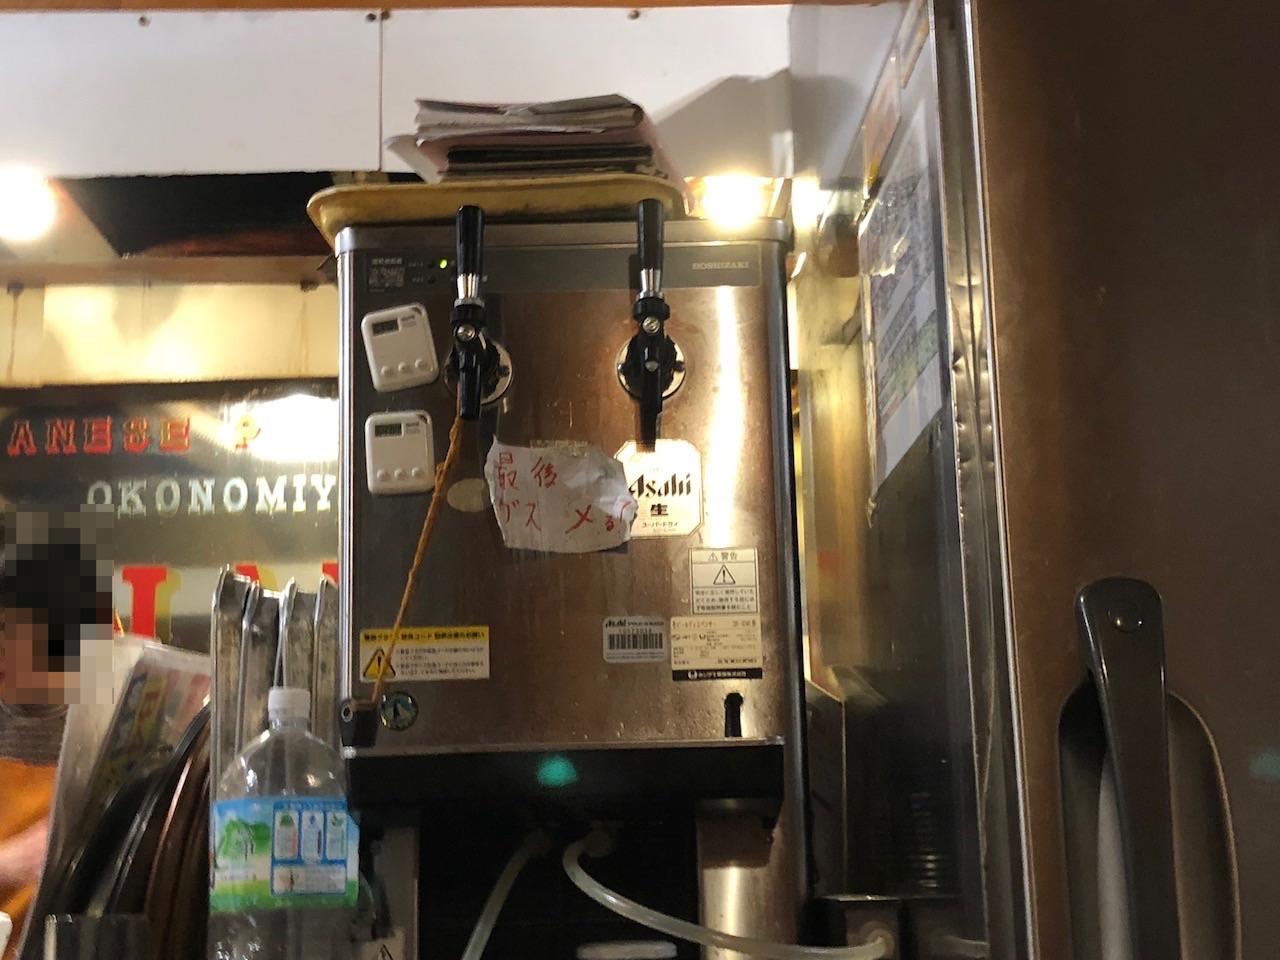 姫路駅前でお好み焼きといえばボナンザでしょう!ギャル曽根お気に入りのにくてん焼き食べてきたよ